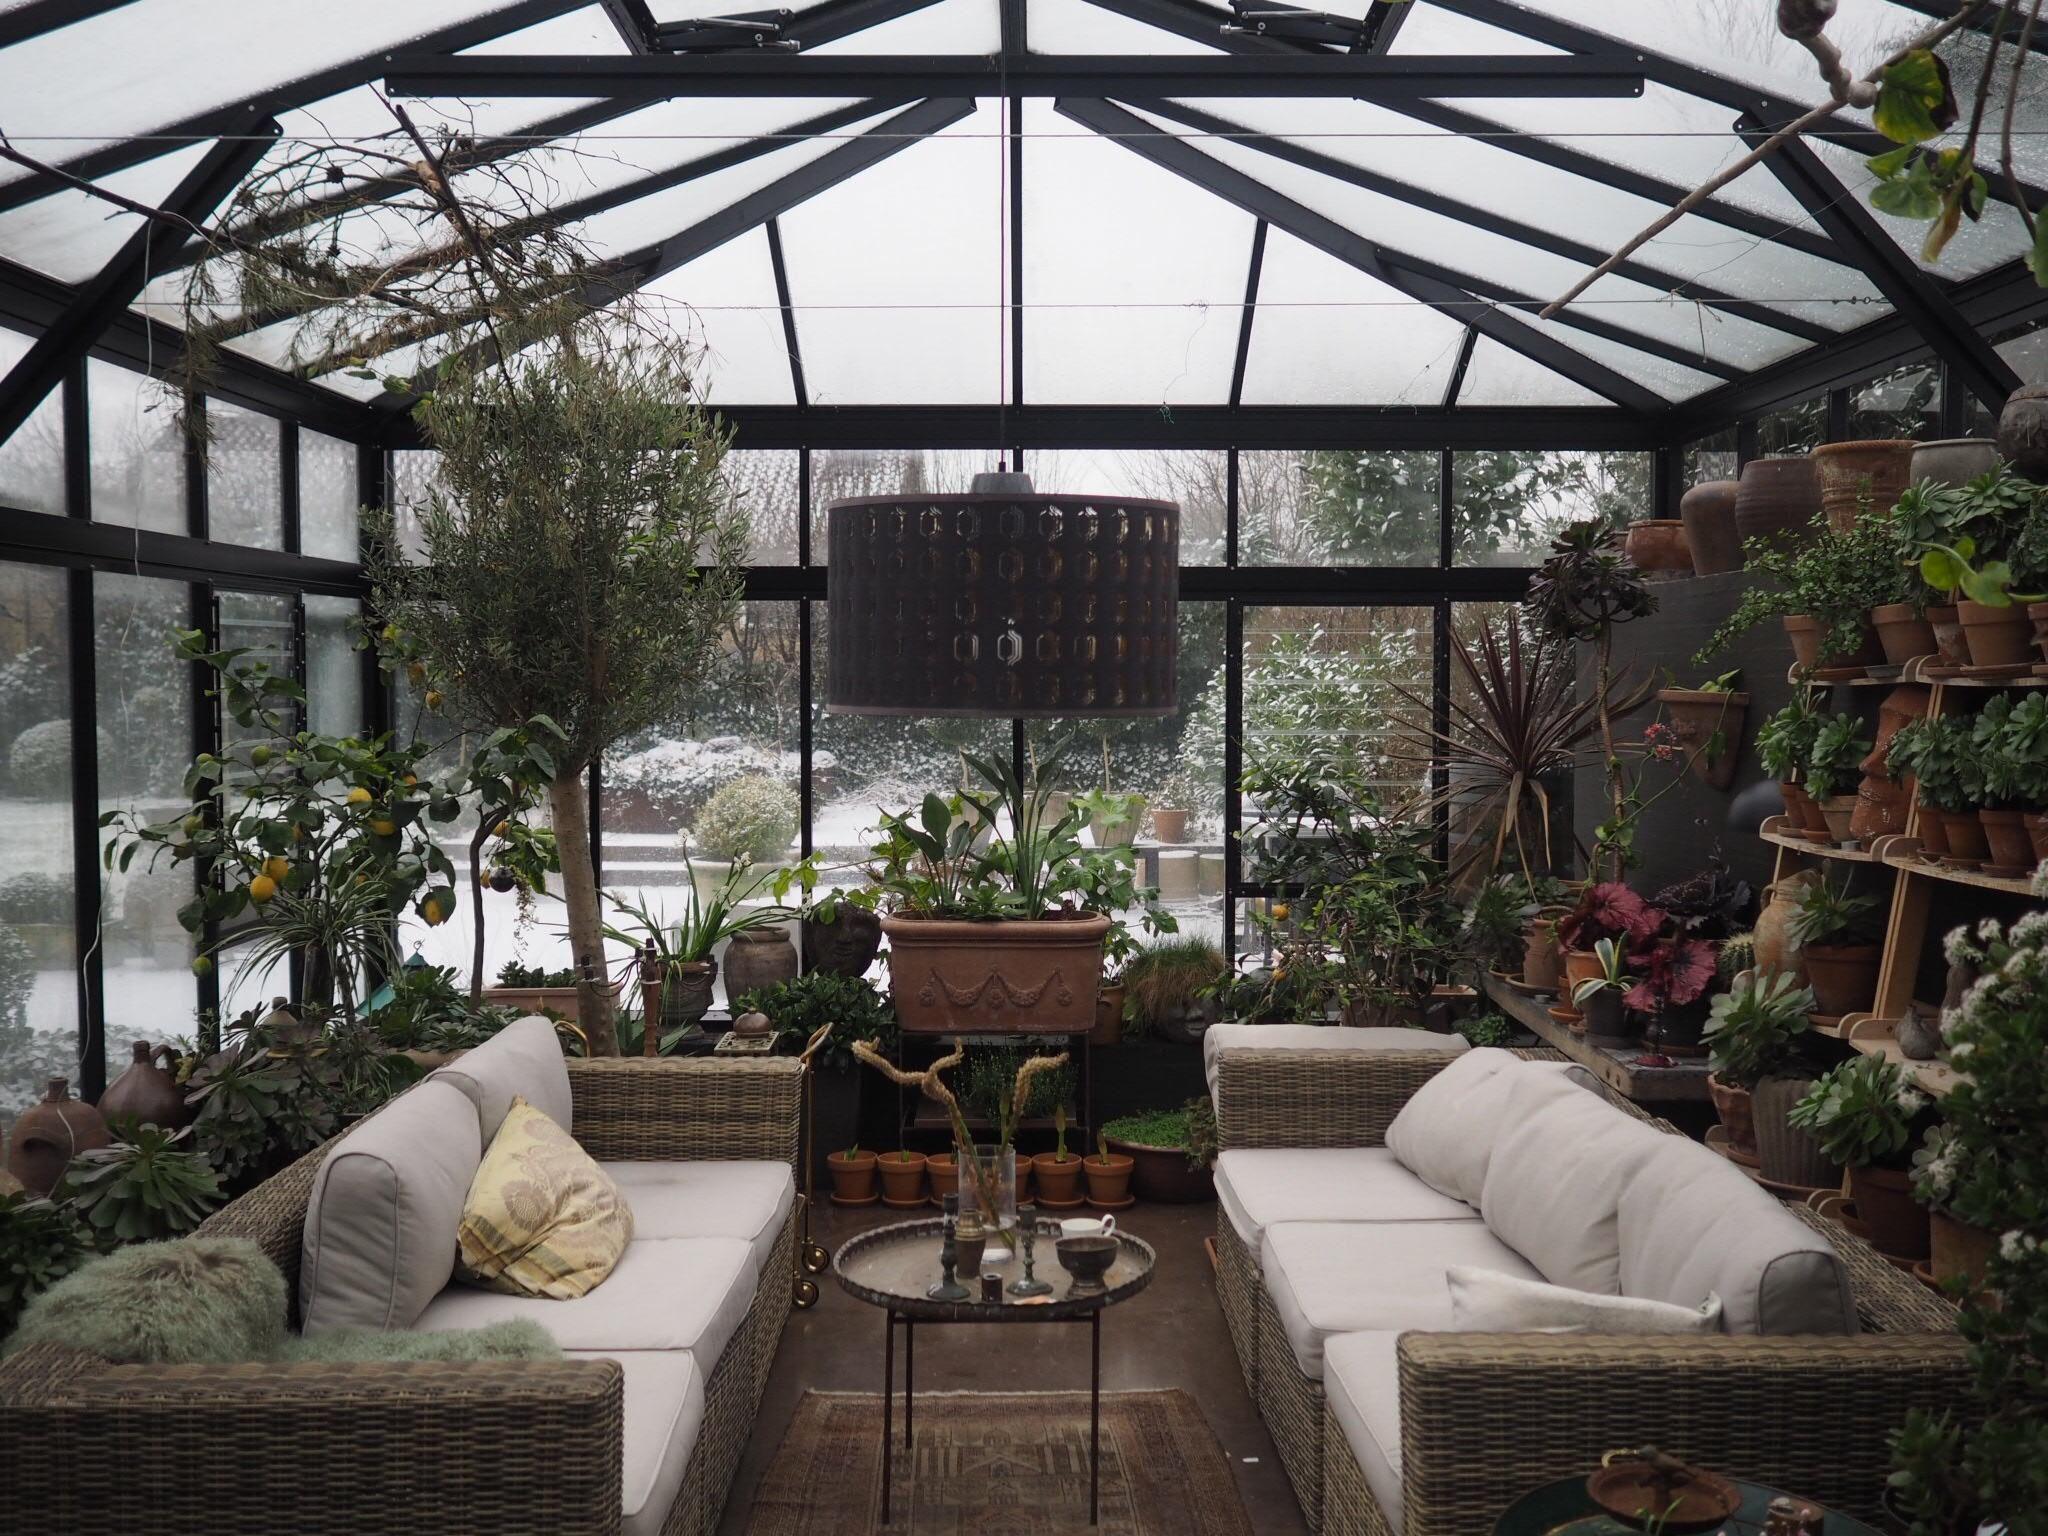 Innenarchitektur für wohnzimmer für kleines haus my mothers orangery in denmark gardening garden diy home